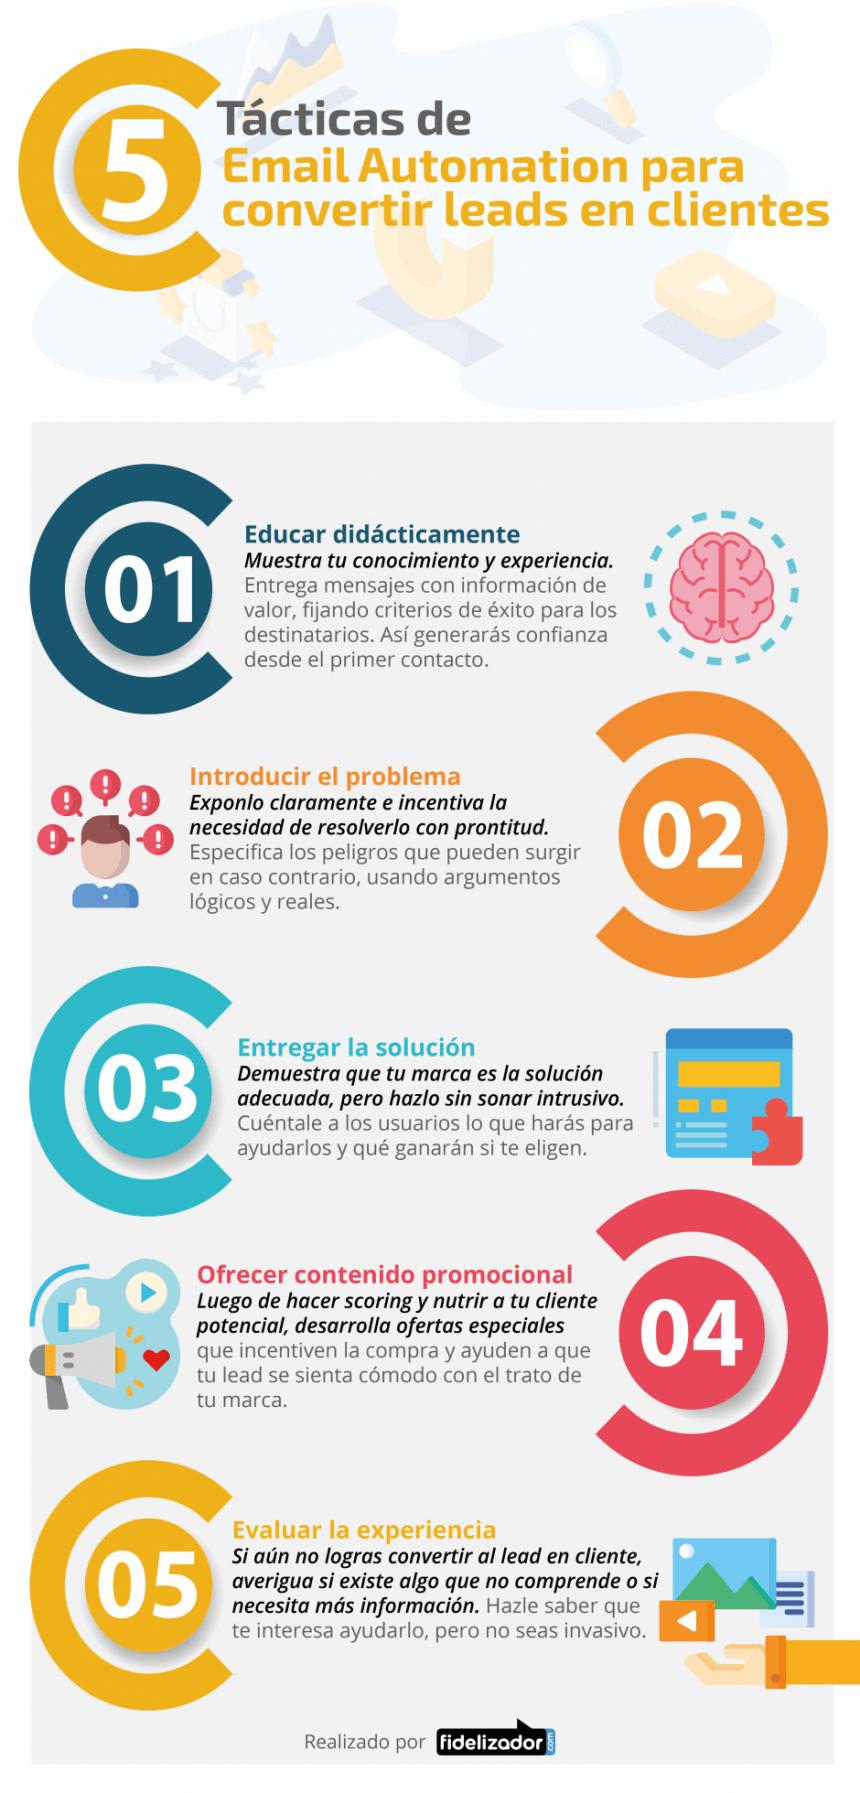 5 tácticas de email automation para convertir leads en clientes #infografia #marketing